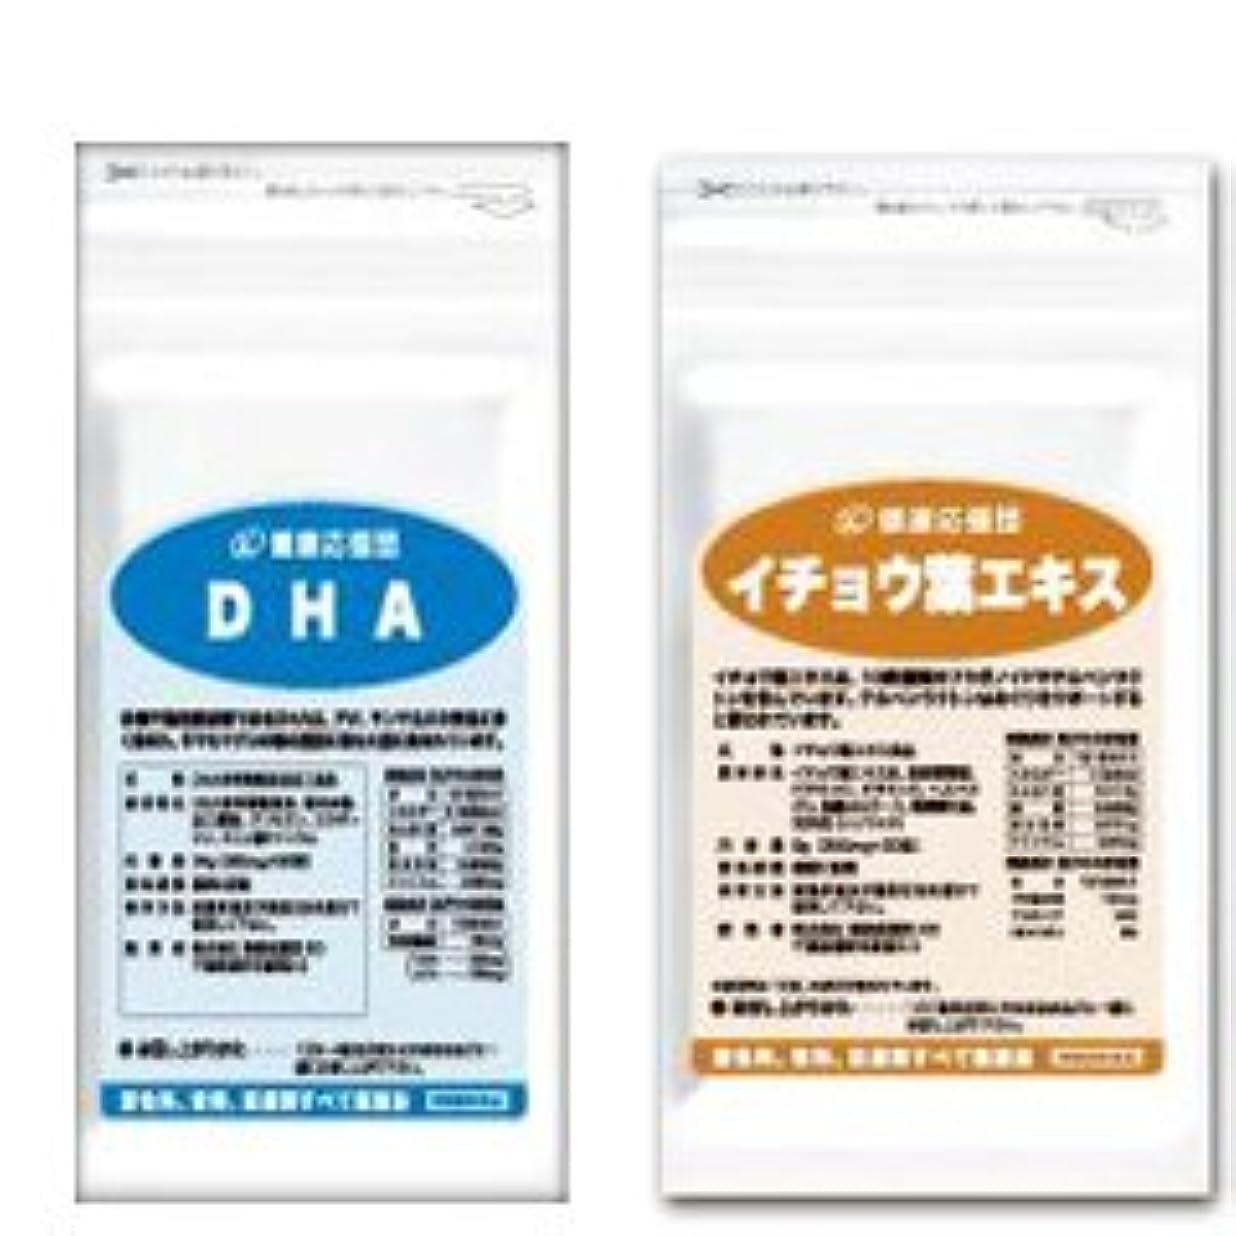 原子炉弱点シアー(お徳用6か月分)サラサラ巡りセット DHA + イチョウ葉エキス 6袋セット (DHA?EPA?イチョウ葉?ビタミンC?ビタミンE?ビタミンP配合)